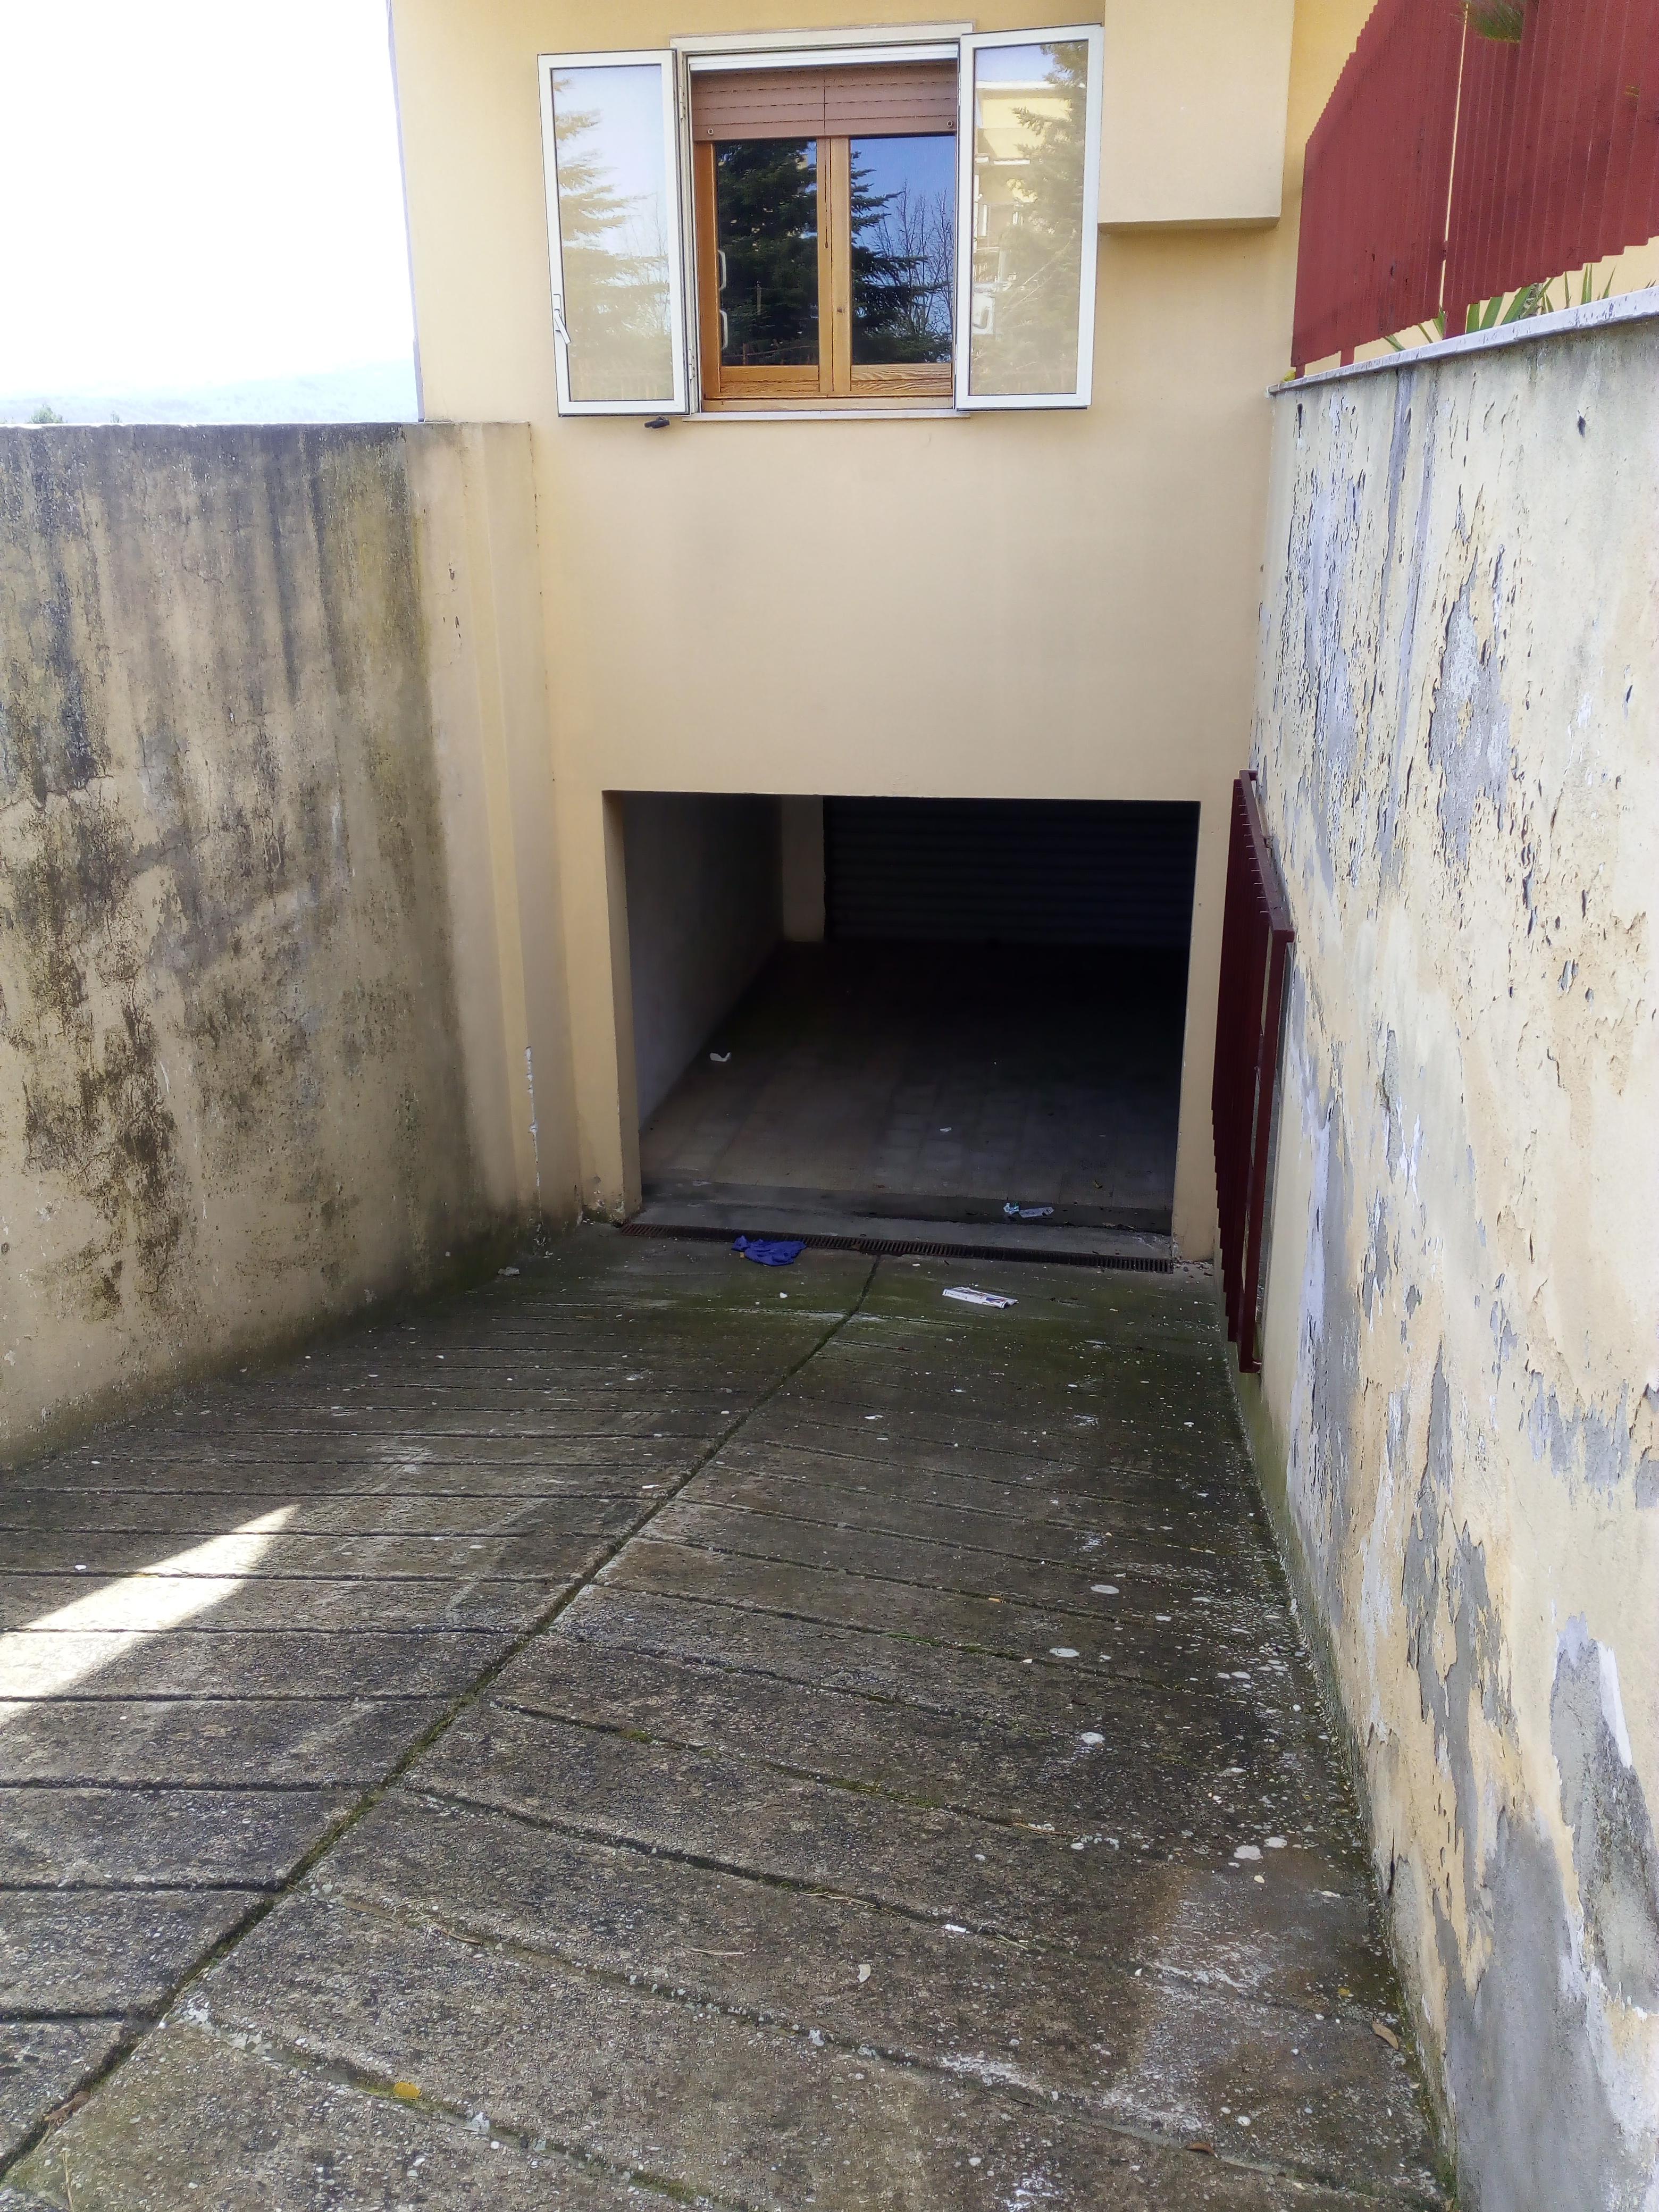 Appartamento in vendita a Vico del Gargano, 2 locali, zona Località: ConventoeFontanelle, prezzo € 65.000 | CambioCasa.it